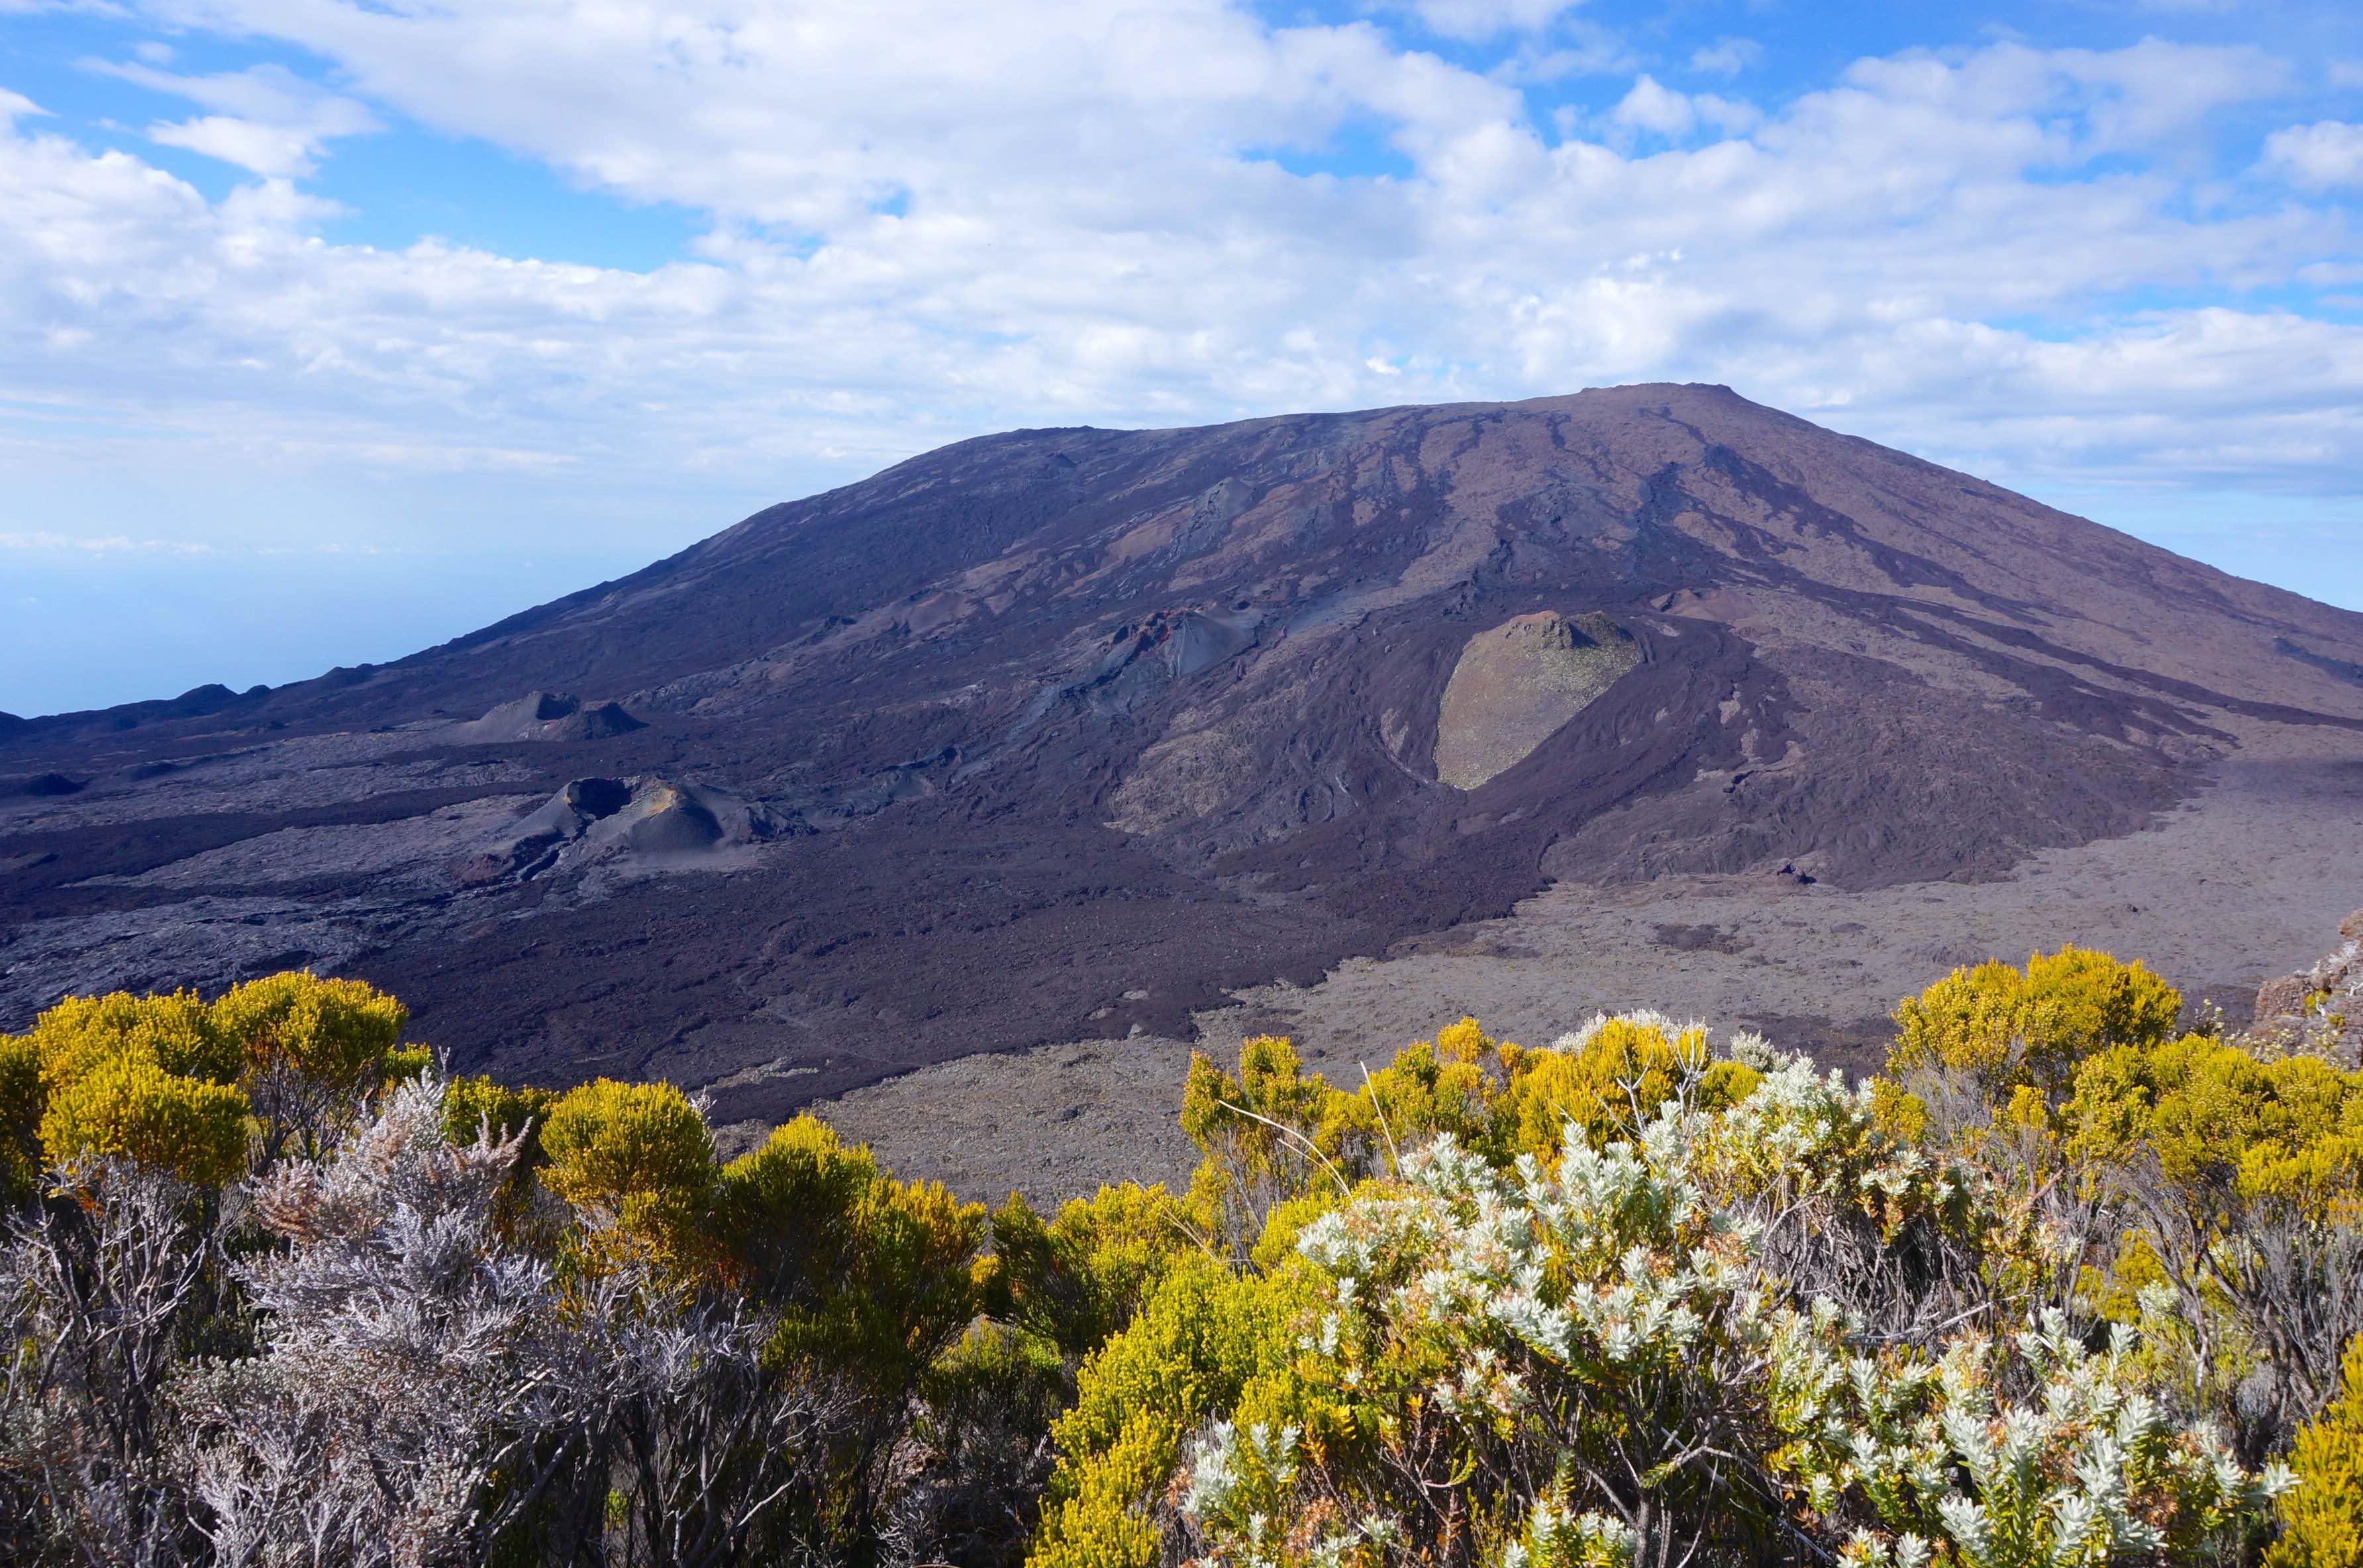 volcan piton de la fournaise, la réunion